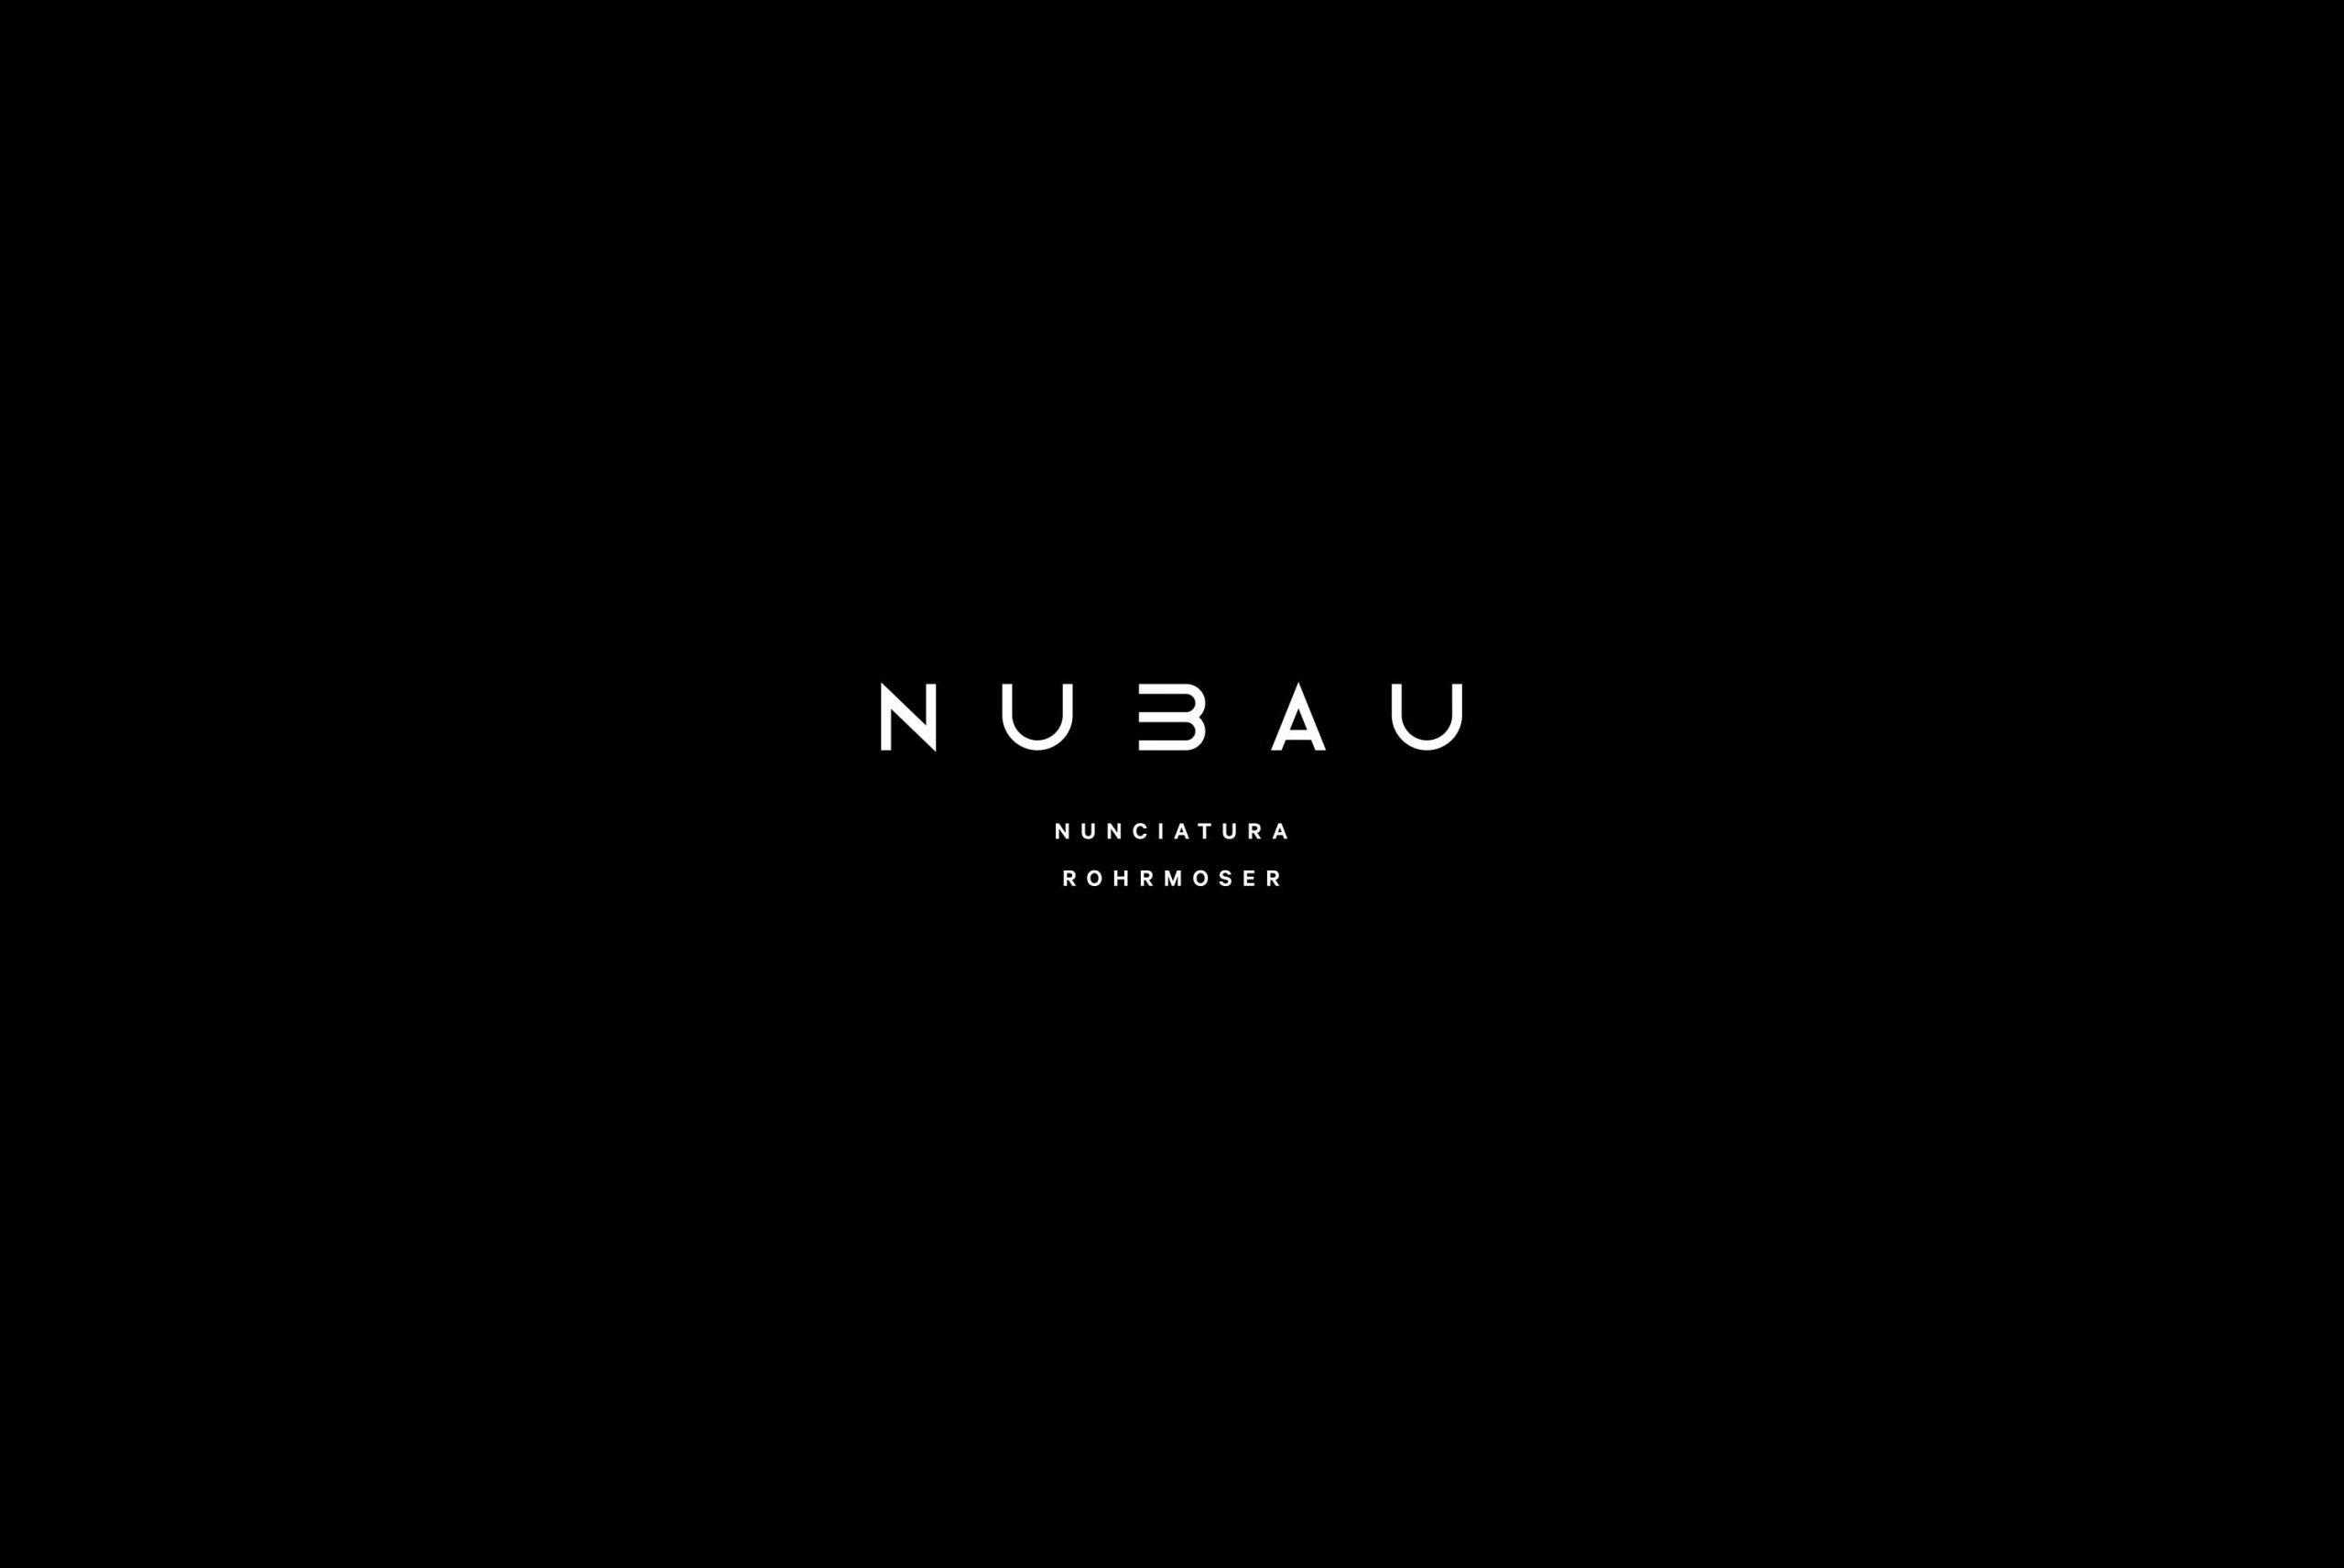 NUBAU_crNUBAU-_1